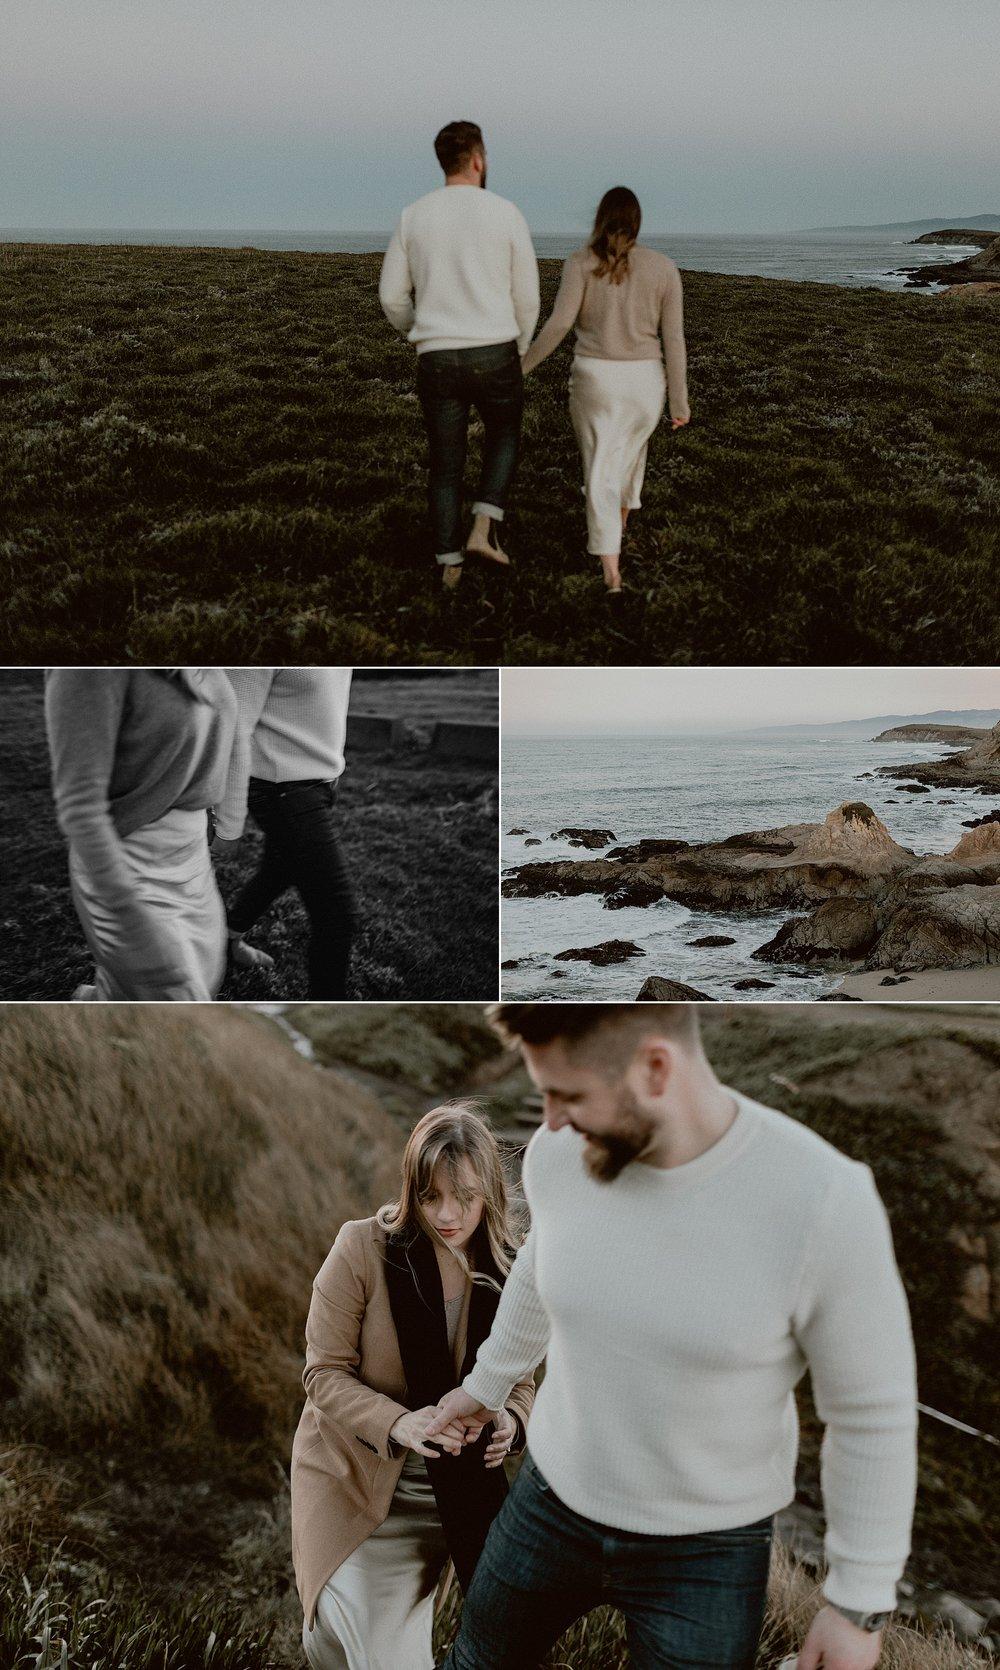 Bodega Headlands Sunrise Engagement Shoot | Gretchen Gause Photography #BodegaBay #EngagementSession #SunriseSession #SanFranciscoEngagementPhotographer #BayAreaWeddingPhotographer #DestinationWedding #RealCouple